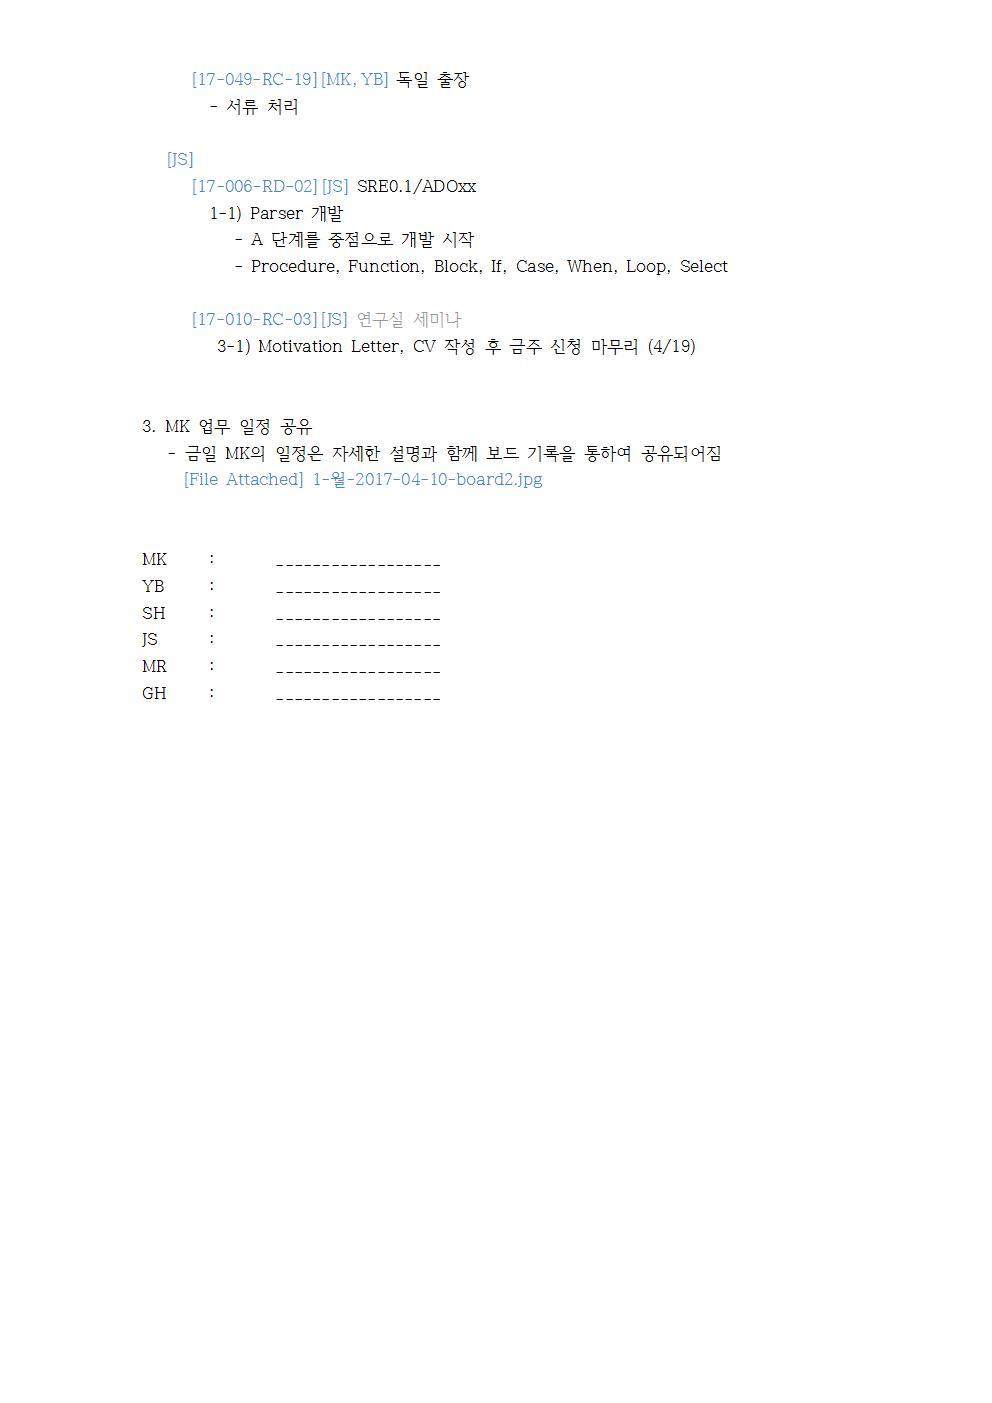 1-월-2017-04-10-회의내용기록003.jpg